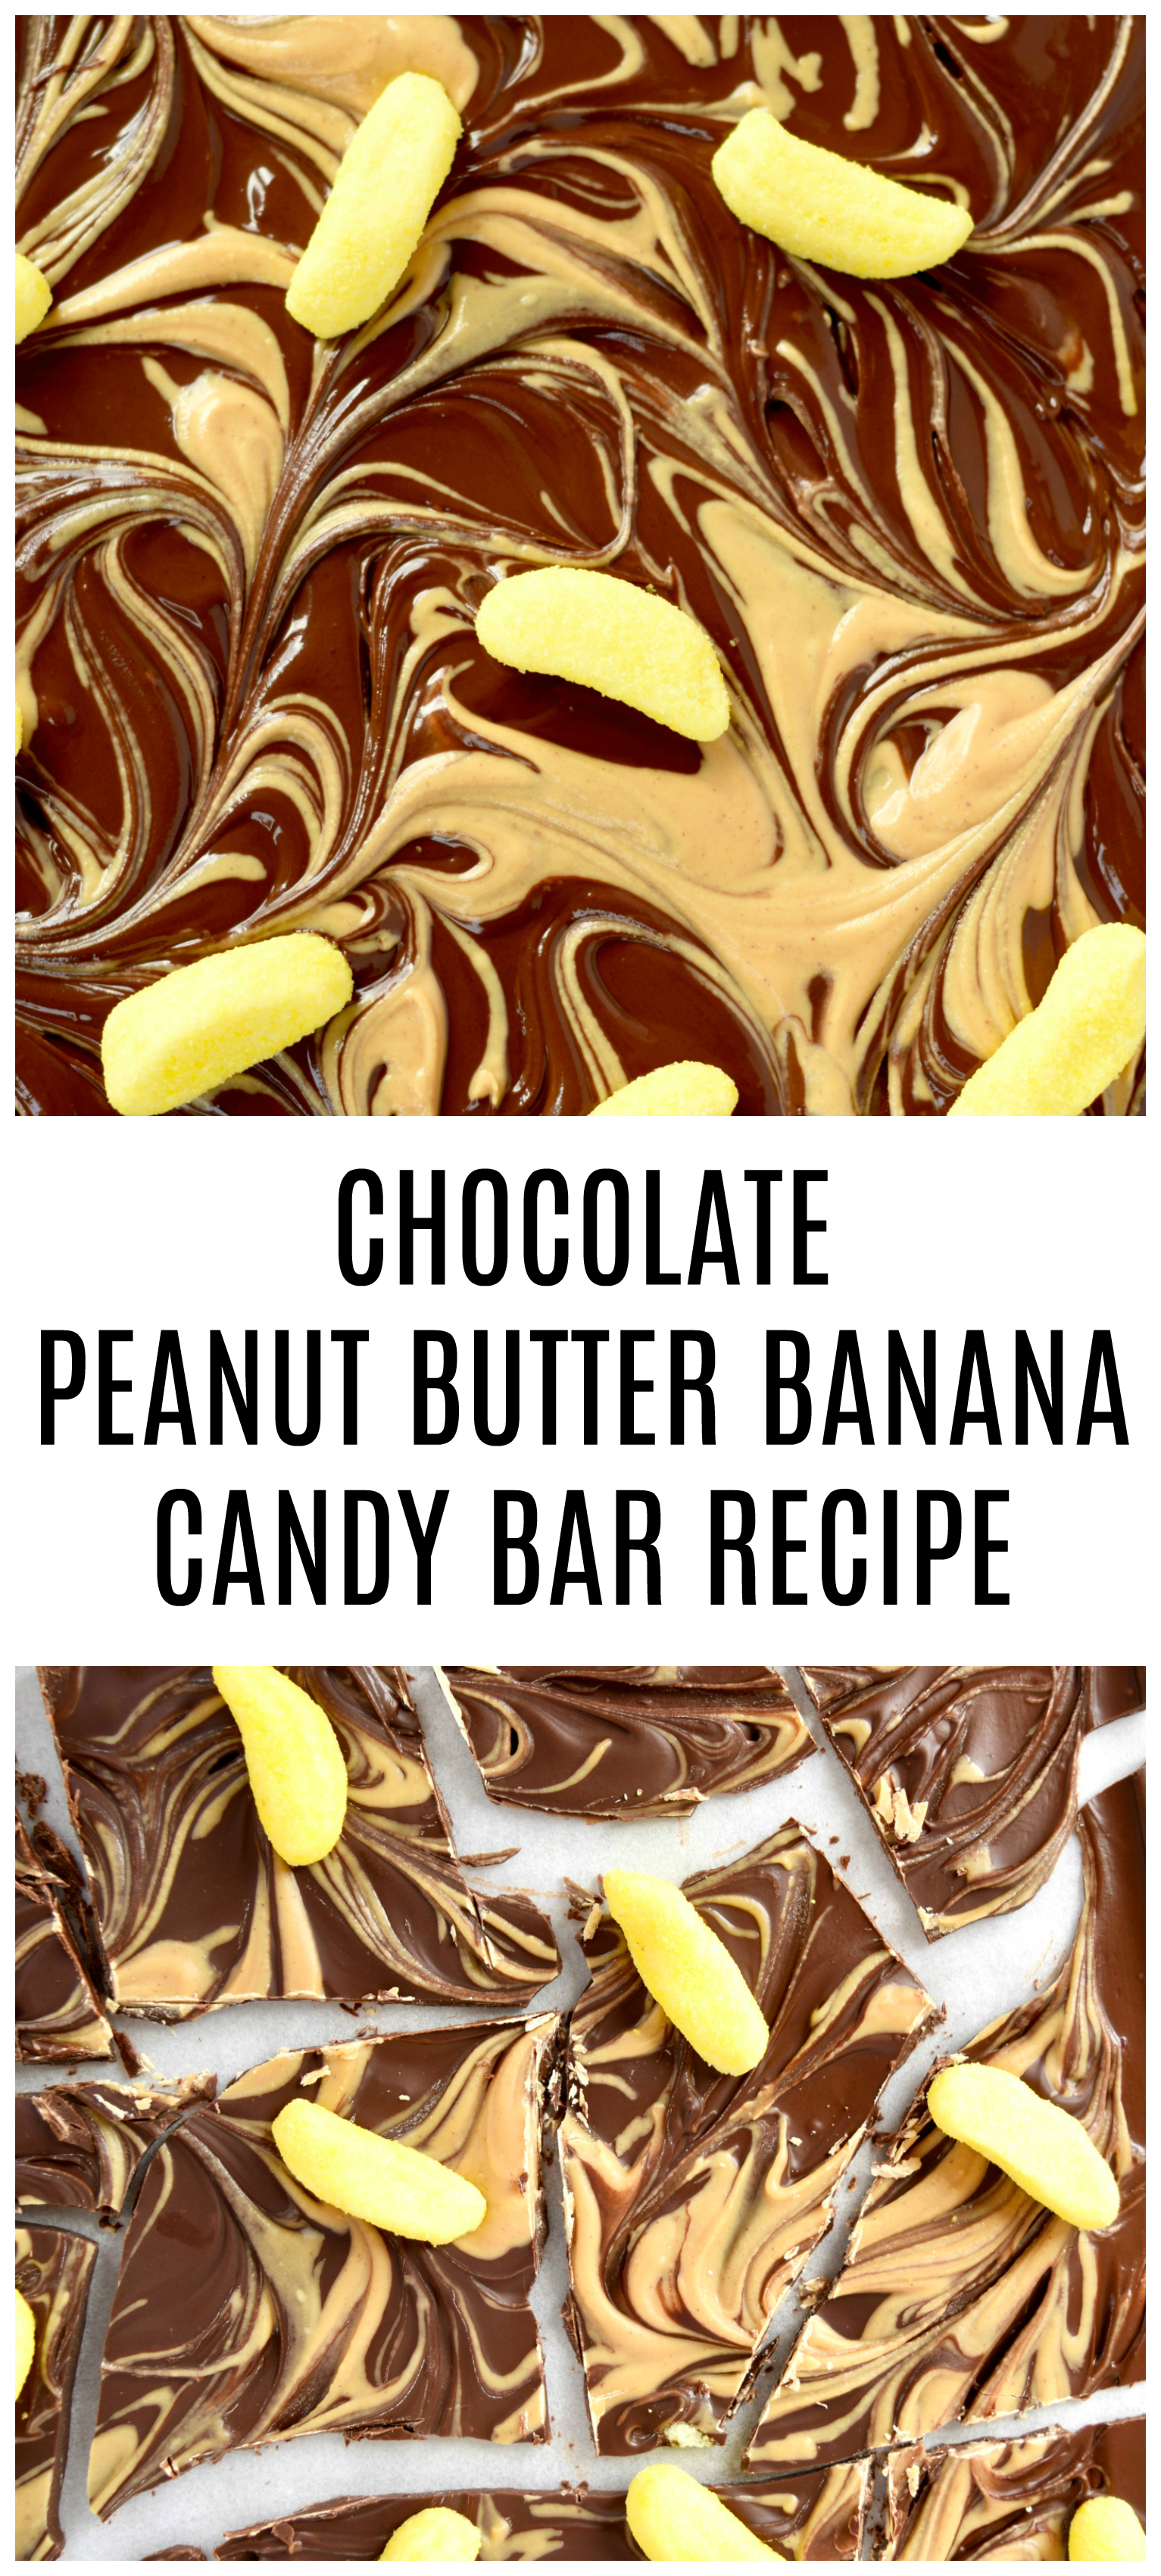 CHOCOLATE PEANUT BUTTER BANANA CANDY BAR RECIPE